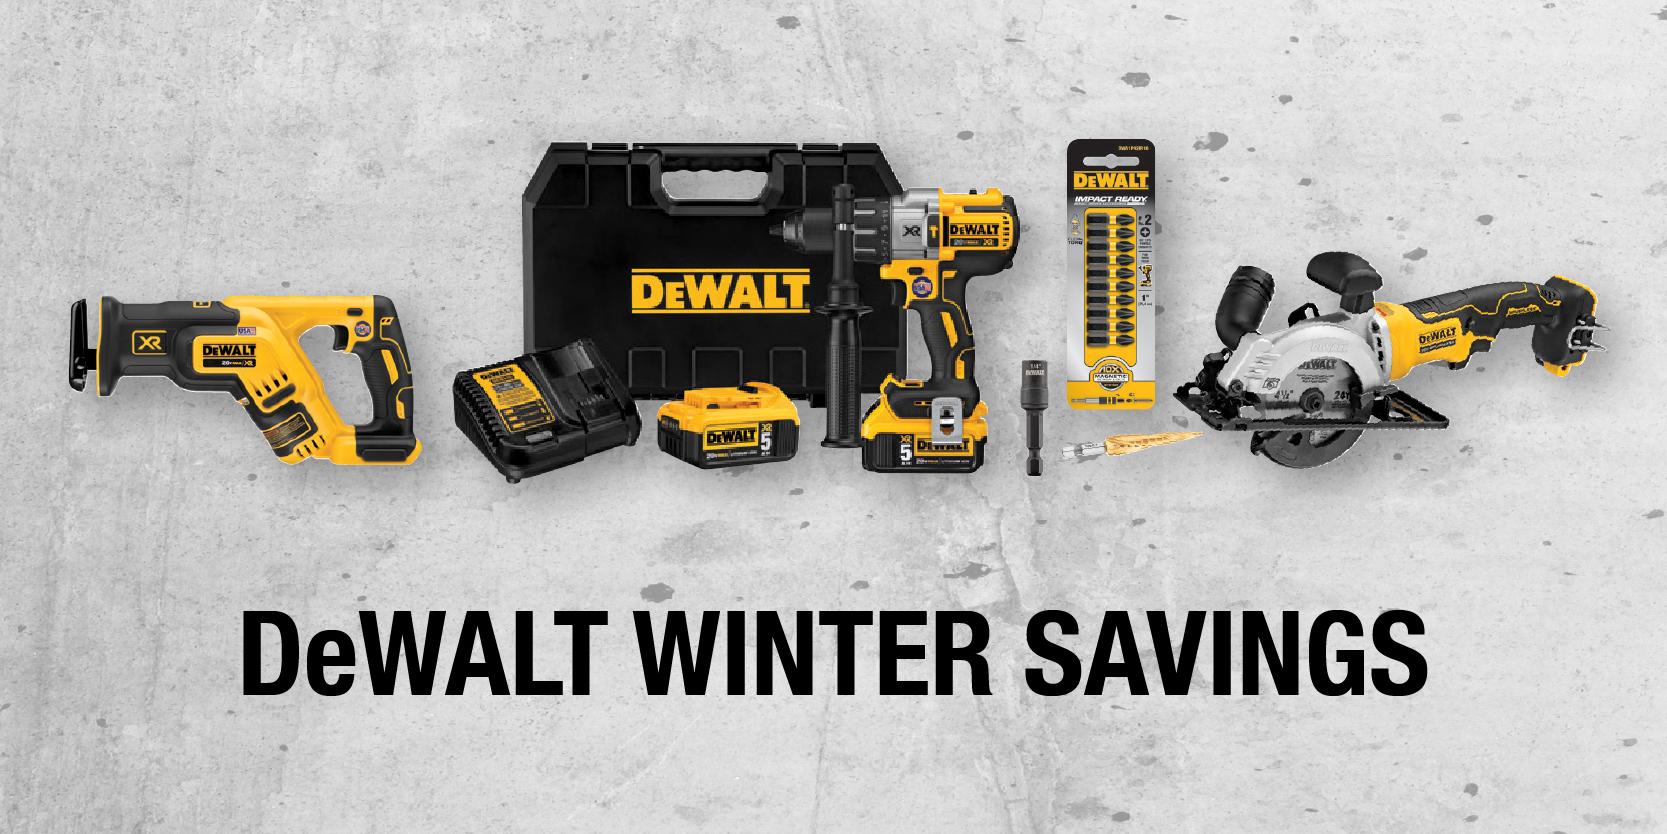 DeWALT Winter Savings